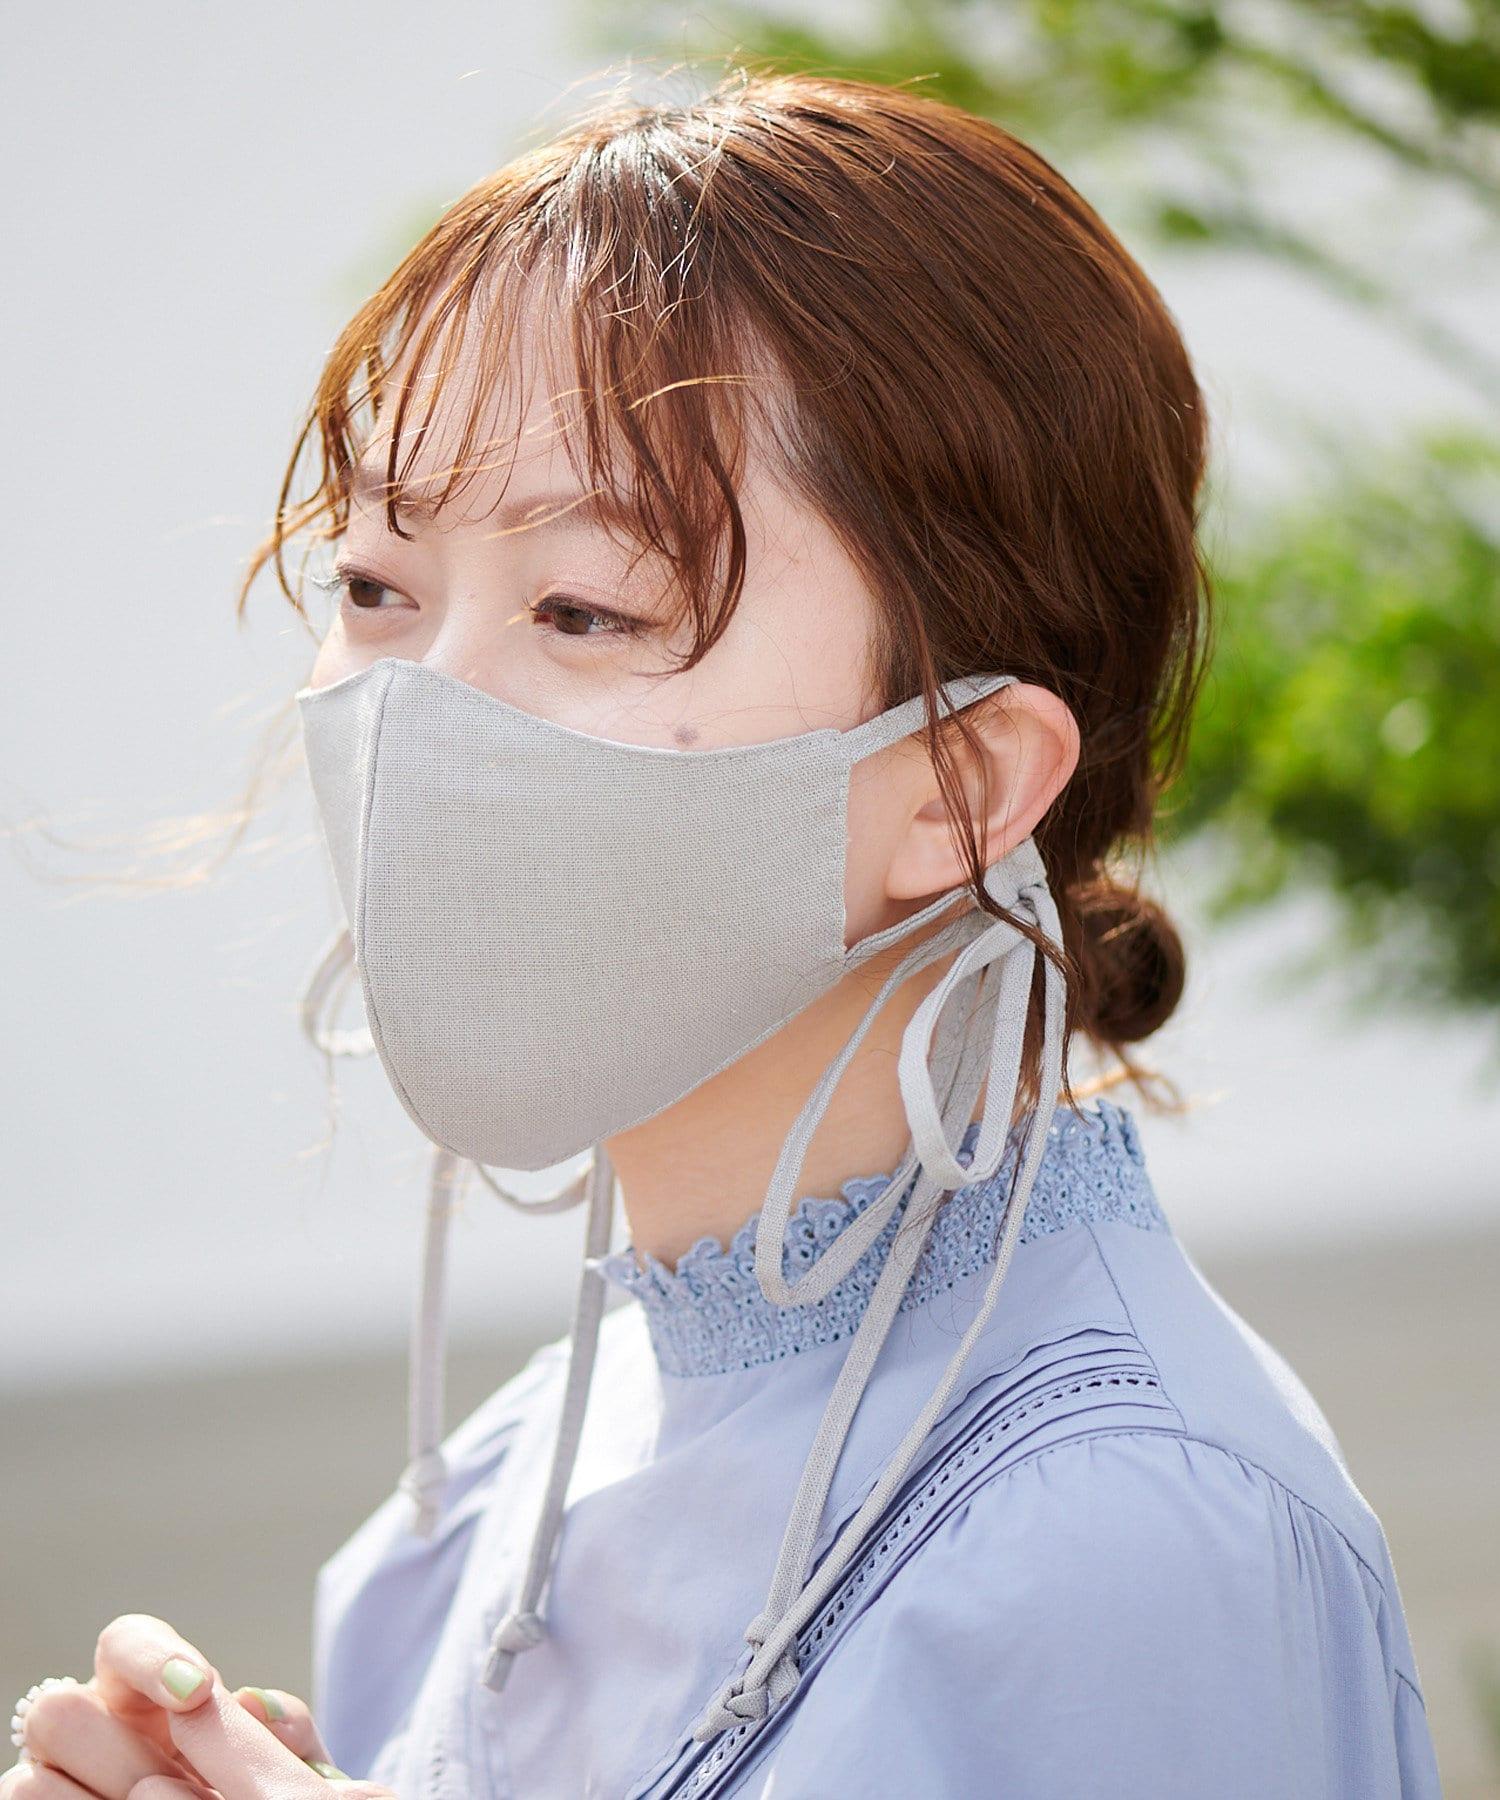 OUTLET(アウトレット) レディース 【Discoat】【抗菌消臭】リボンストラップマスク グレー